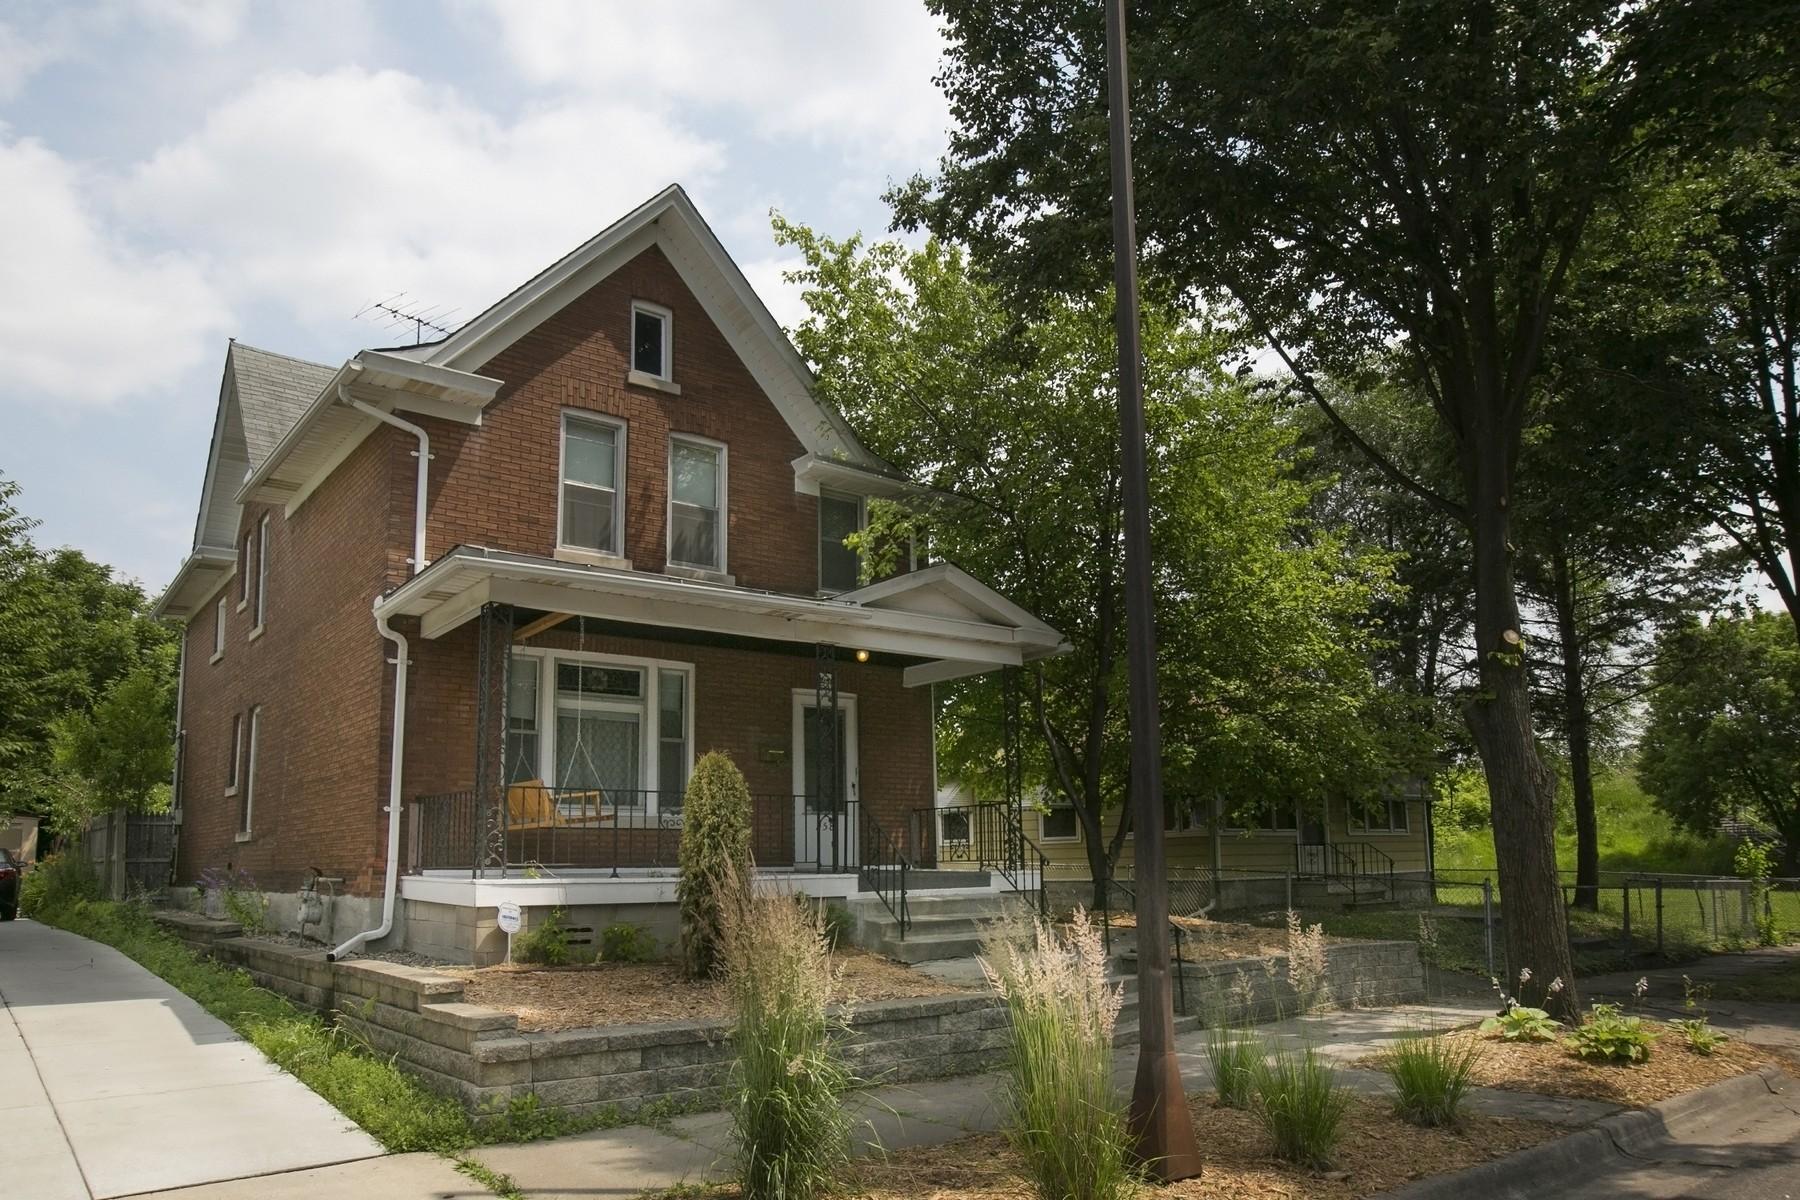 단독 가정 주택 용 매매 에 258 Colborne Street St. Paul, 미네소타 55102 미국